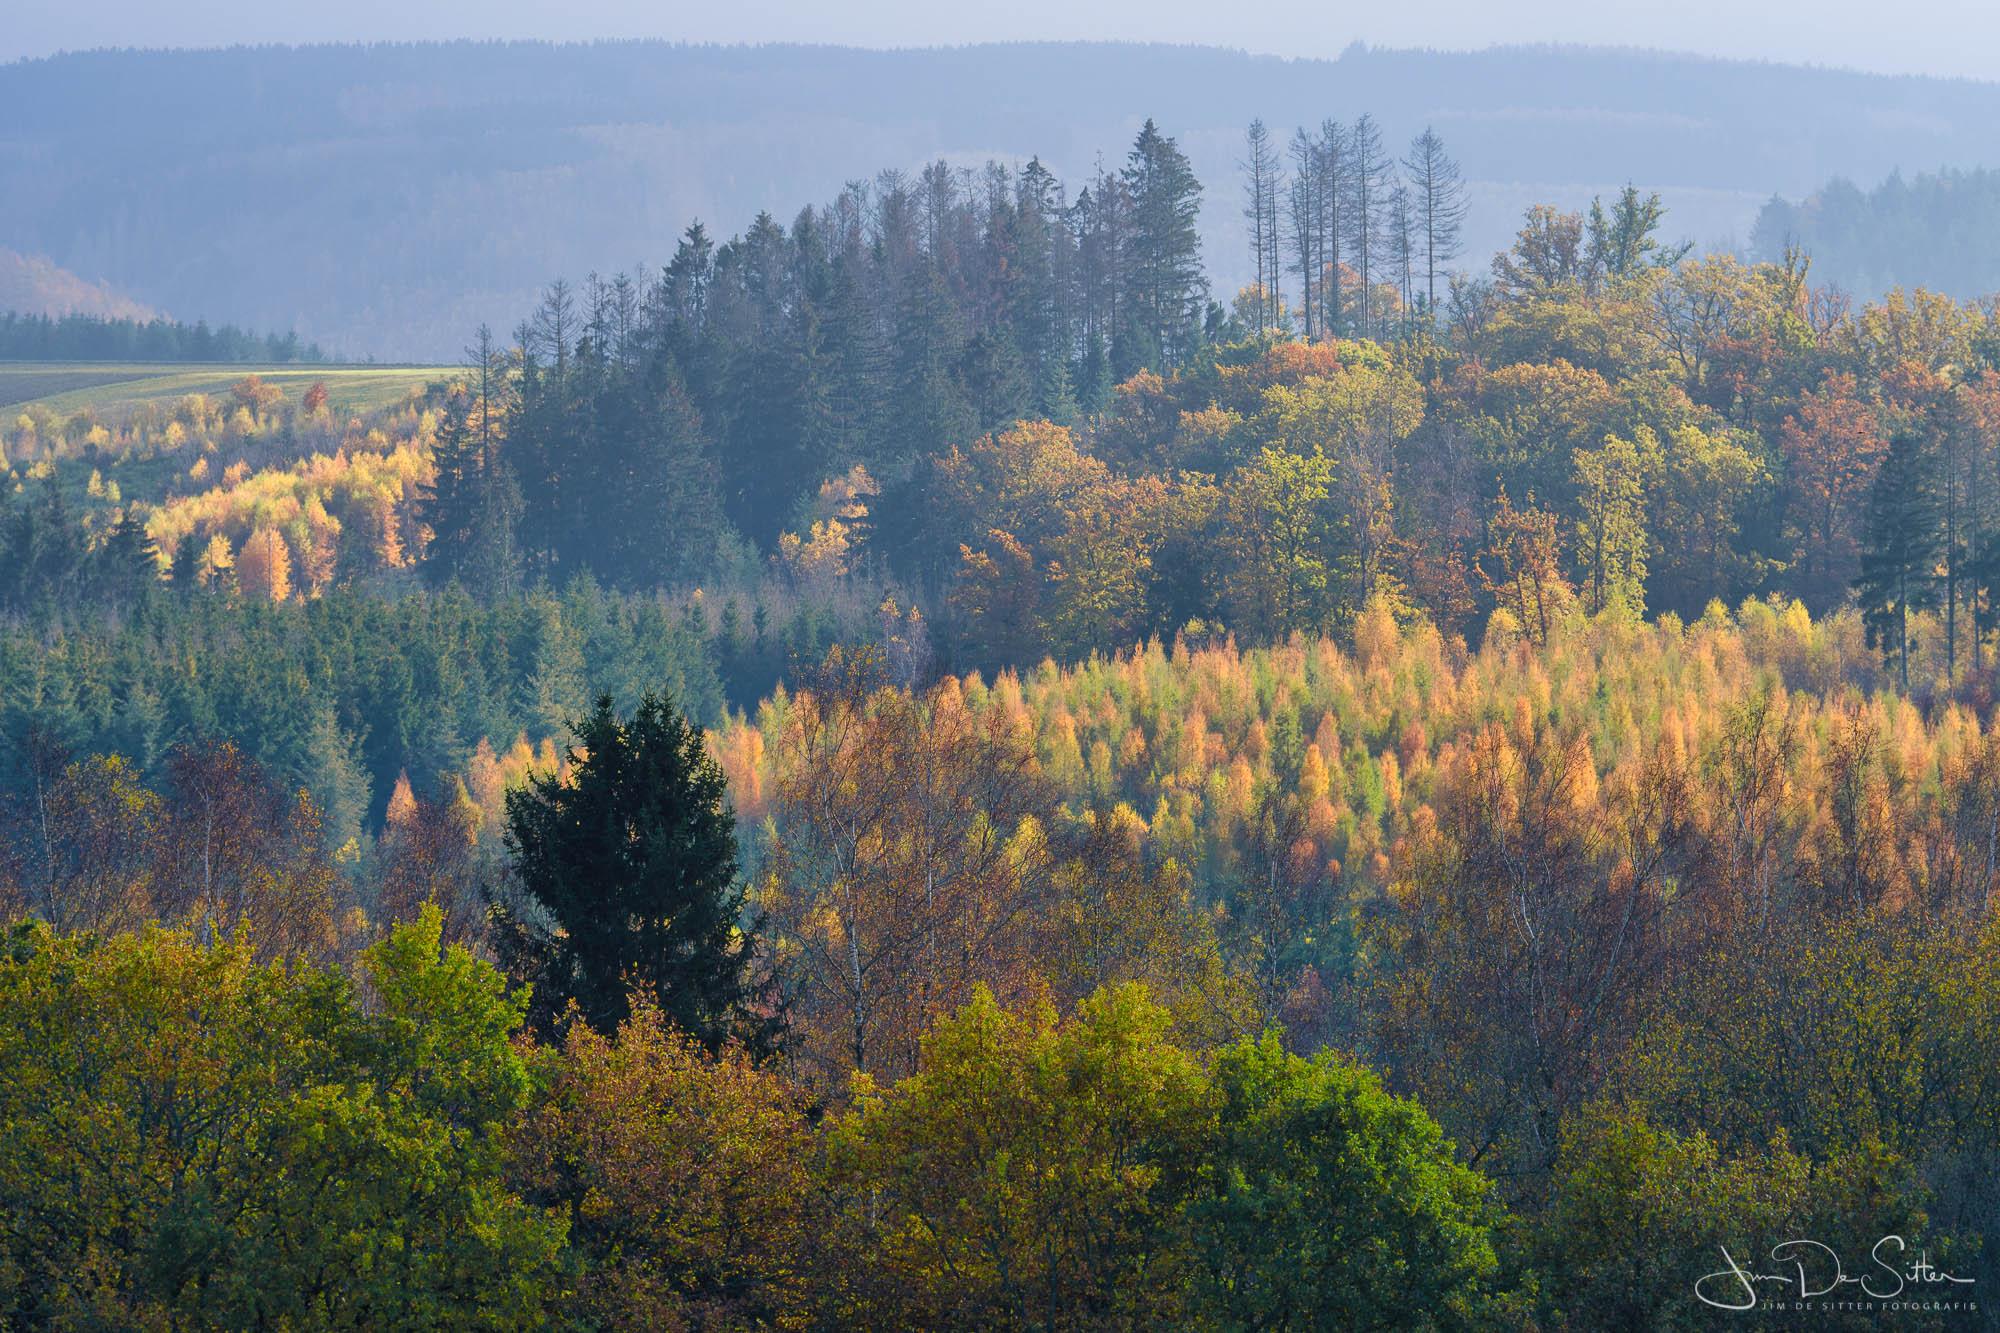 Landschapsfoto : Herfstlandschap in de Ardennen